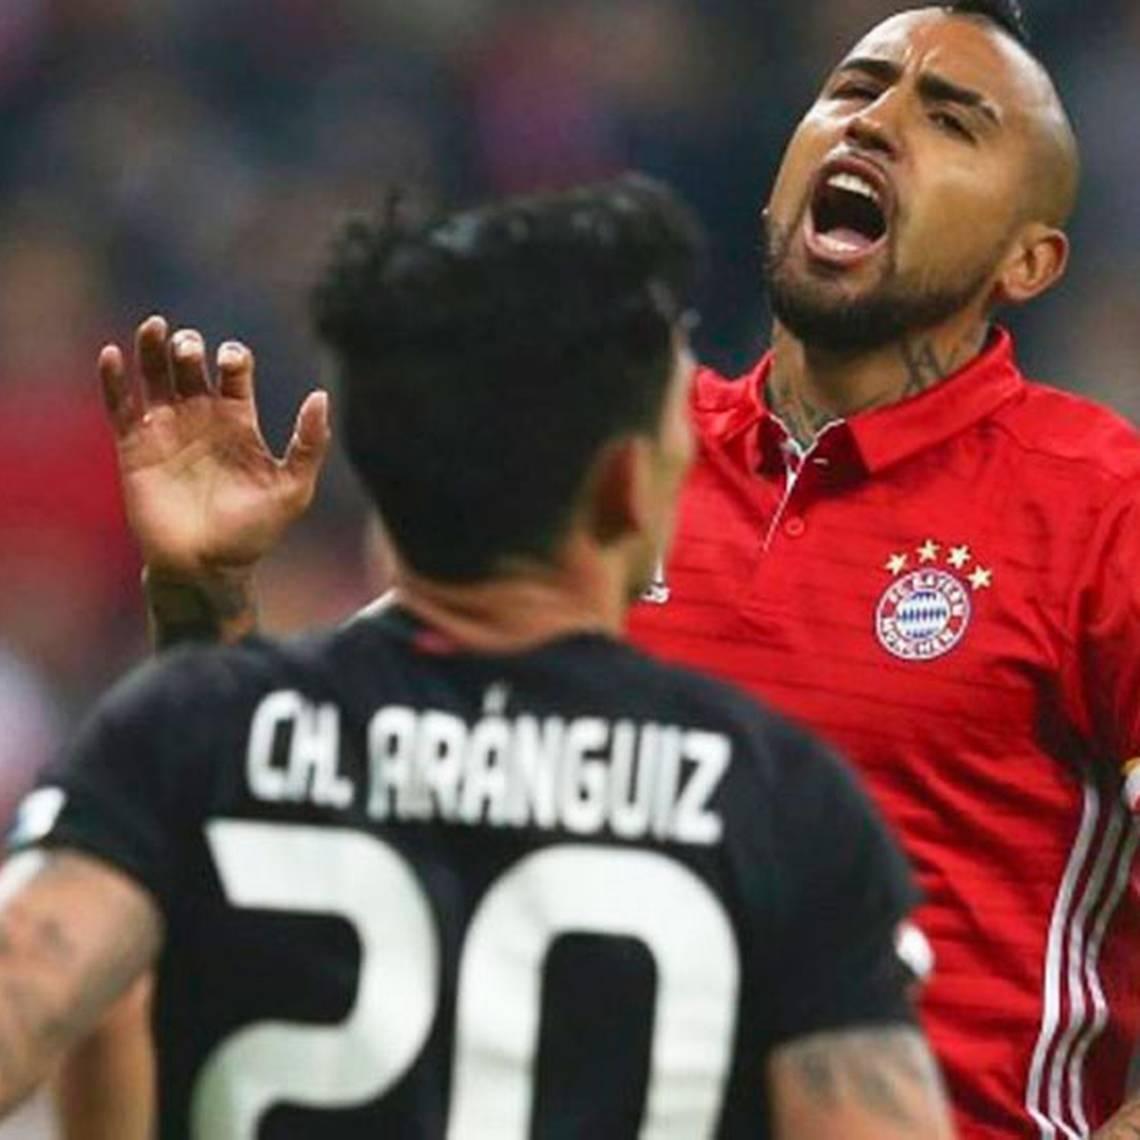 Habrá duelo duelo de chilenos en el inicio de la Bundesliga